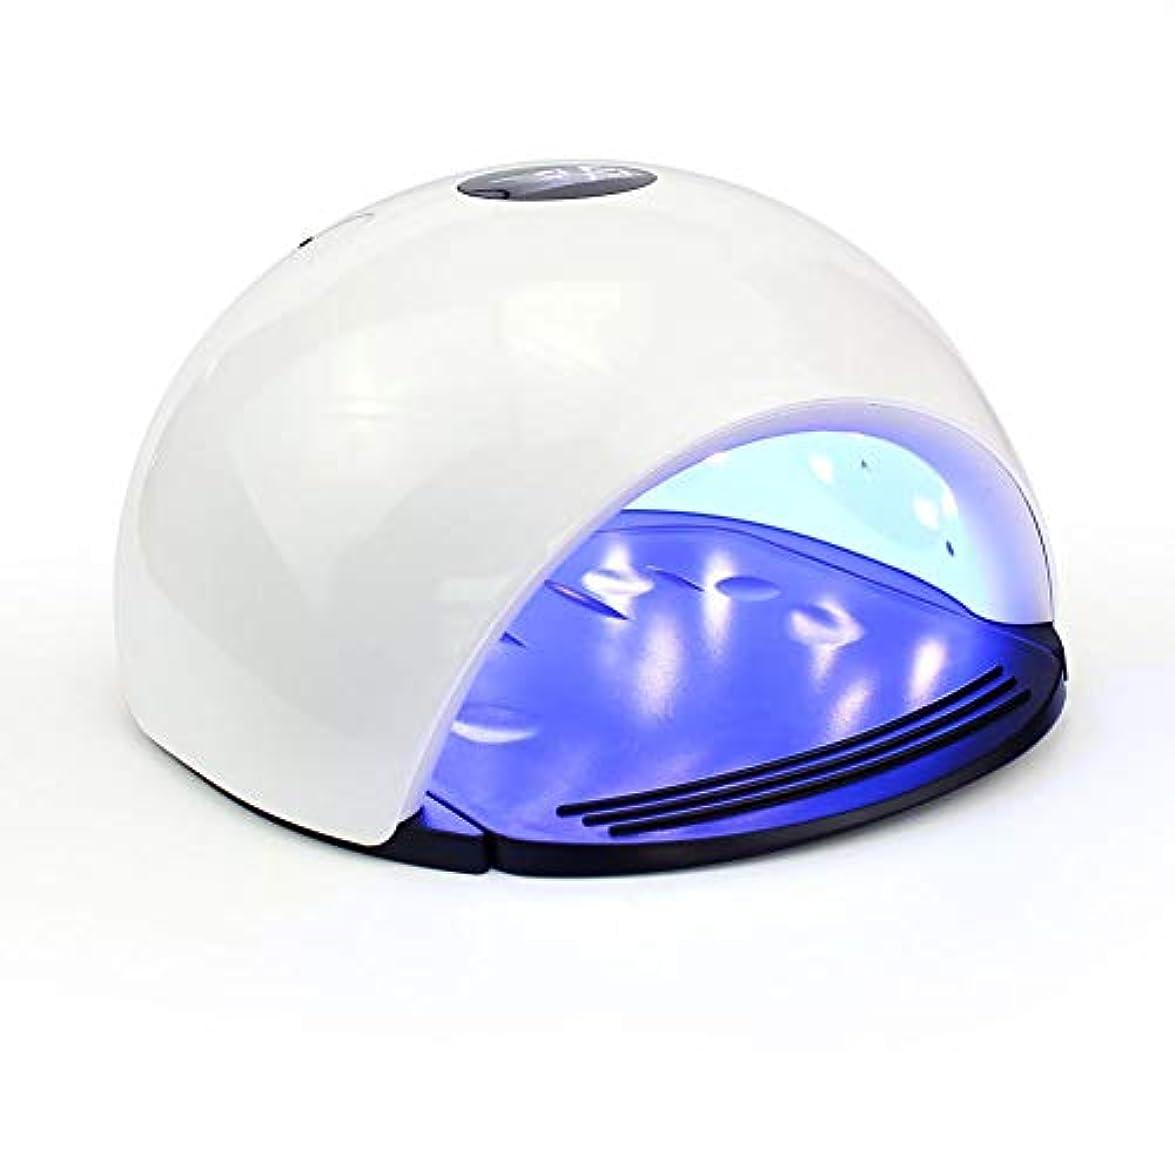 許容勇敢な波ジェルネイル用UVネイルライト| 4速タイマーセットドライヤー光硬化ランプセンサーLED UVジェルネイルポリッシュ用LCD